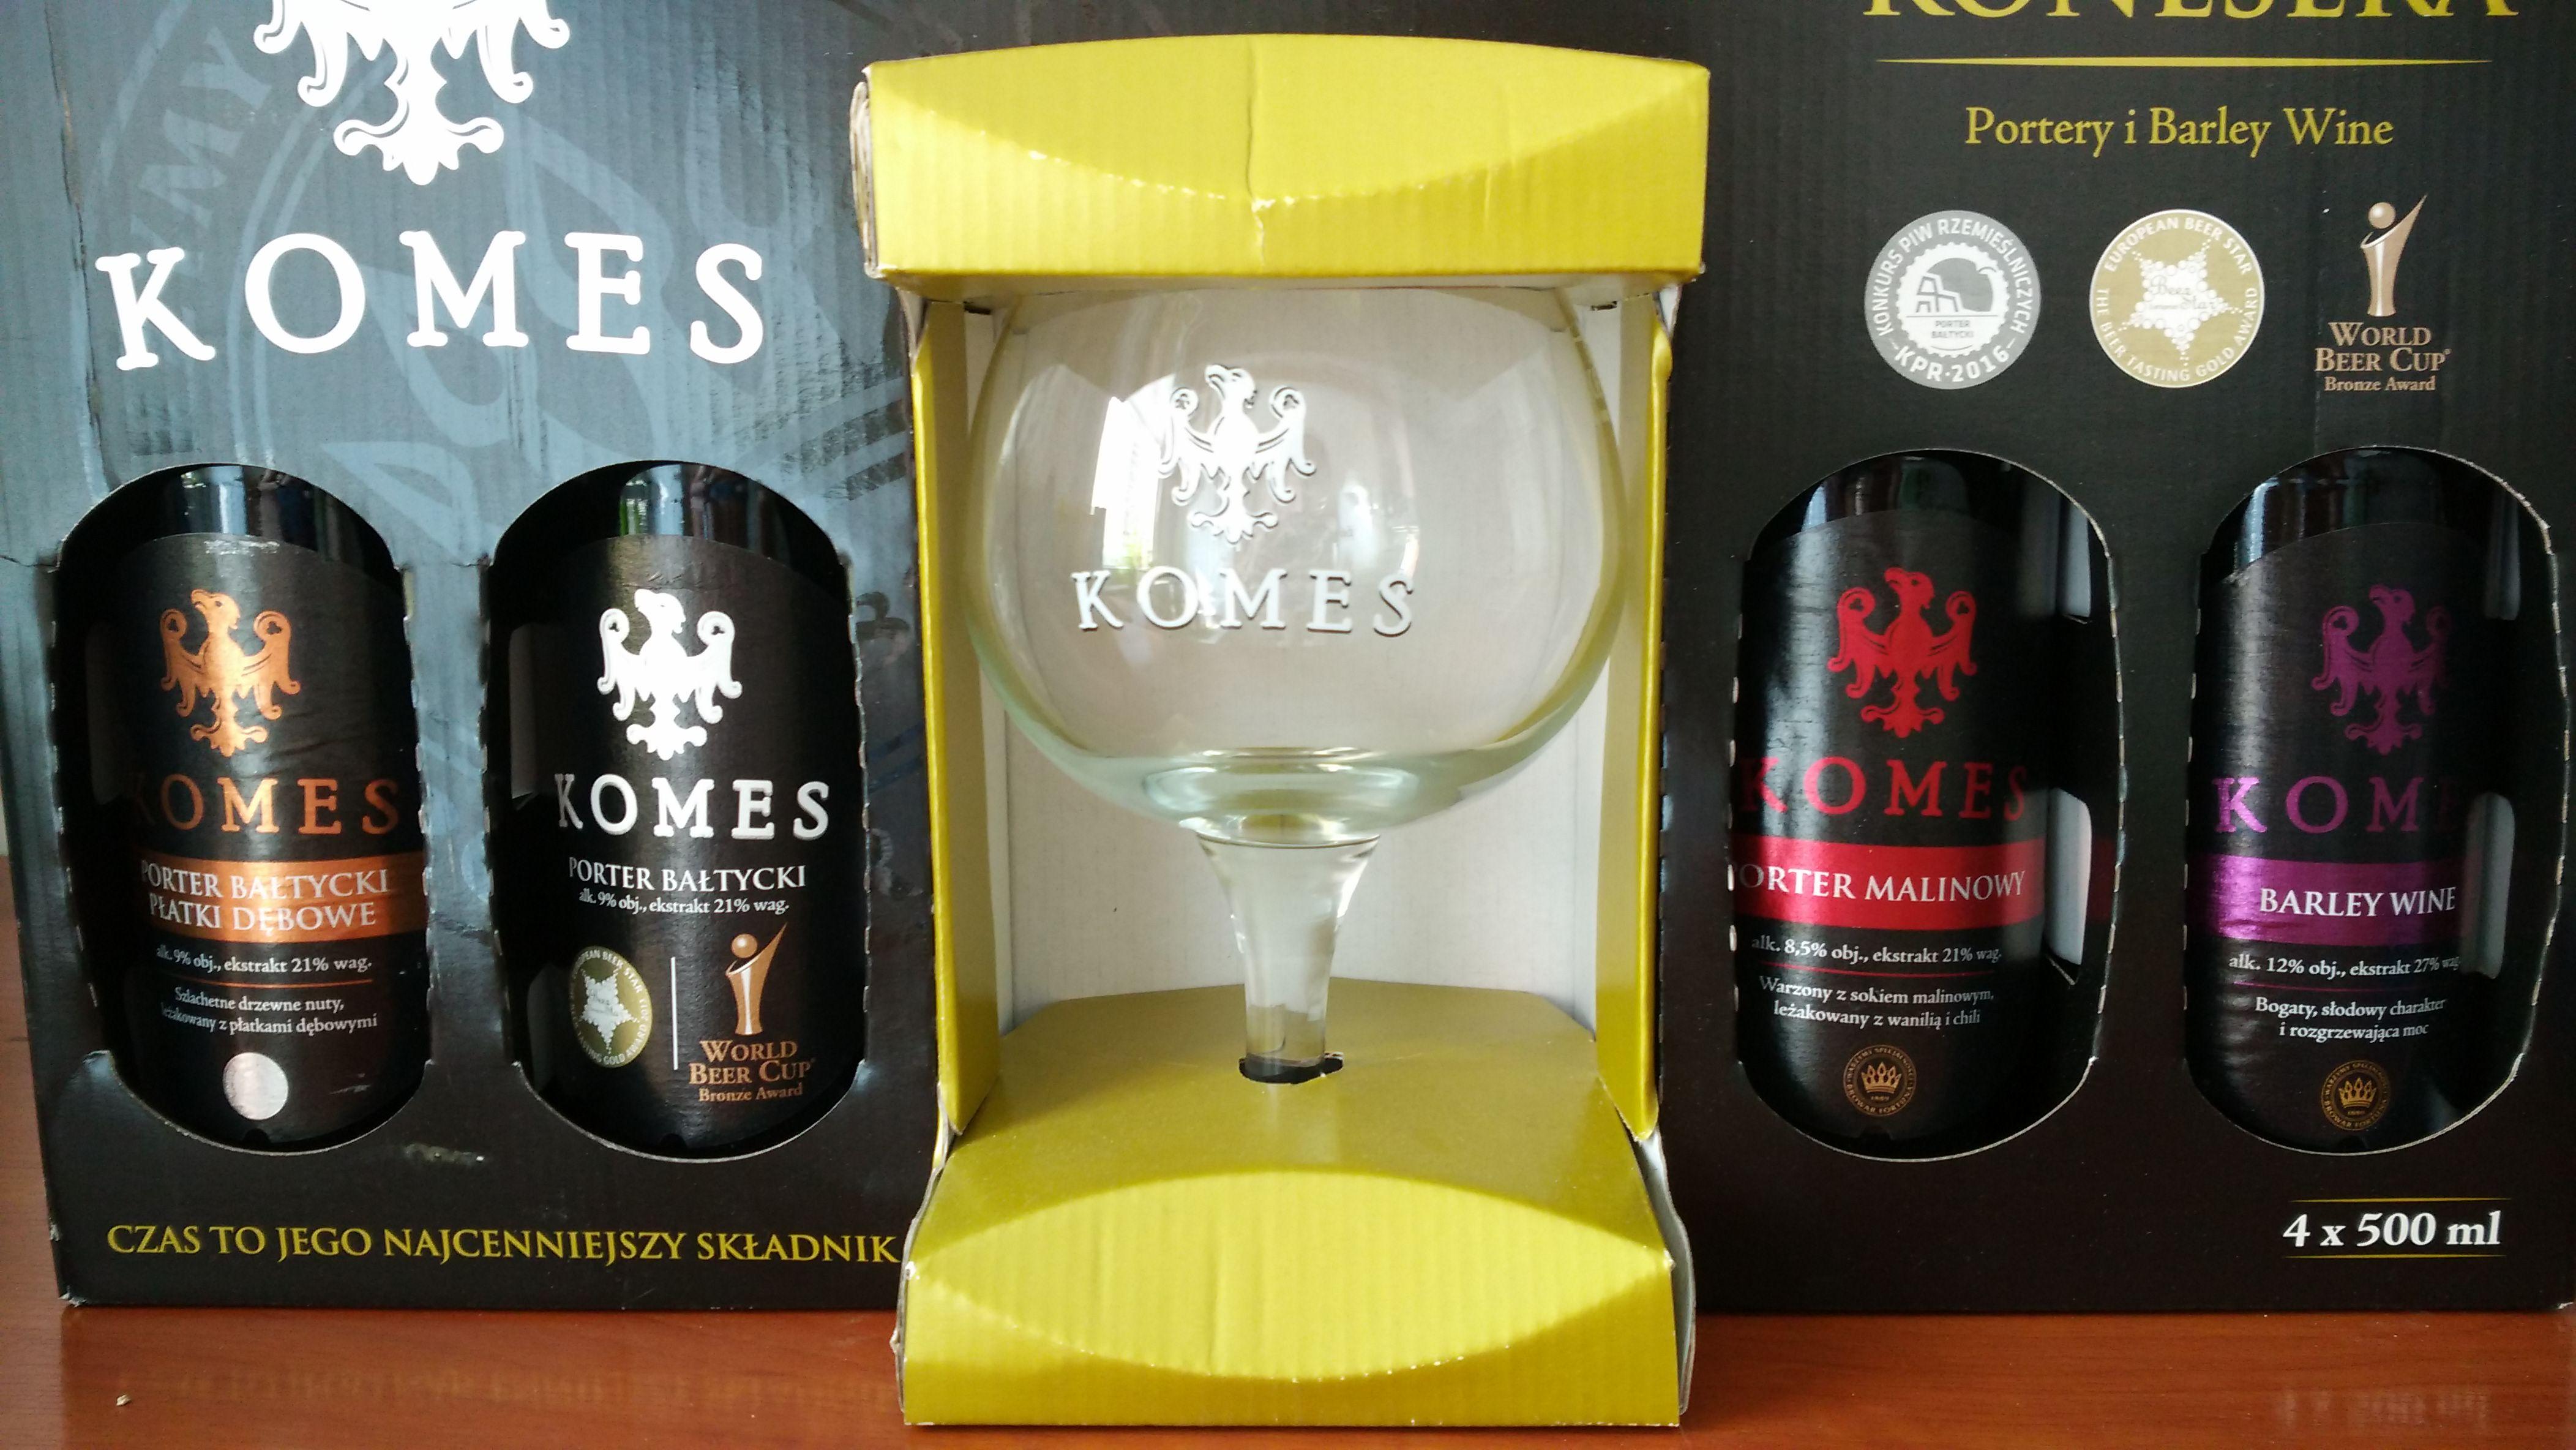 Komes - Zestaw Konesera (Portery i Barley Wine) + Szkło @Tesco